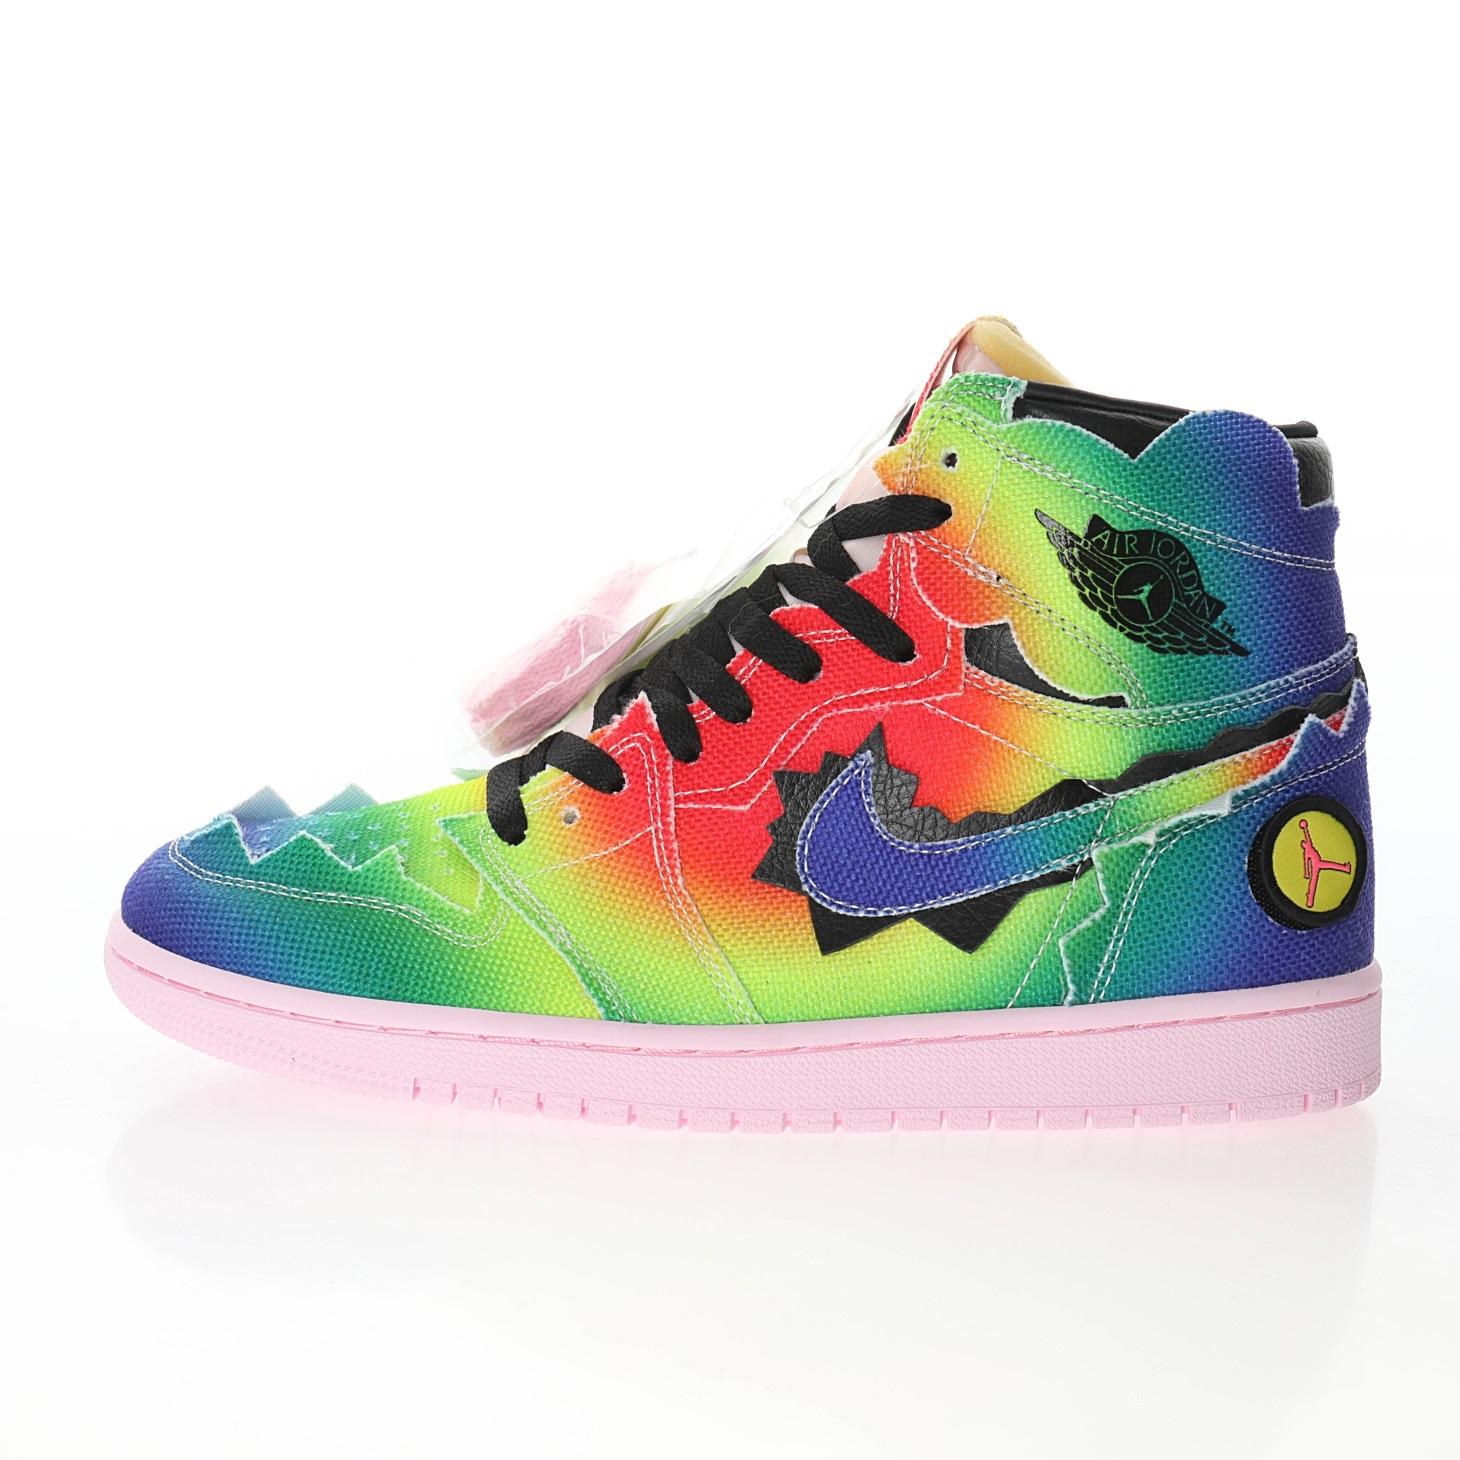 """Air Jordan 1 x J Balvin """"Multi-Color"""""""